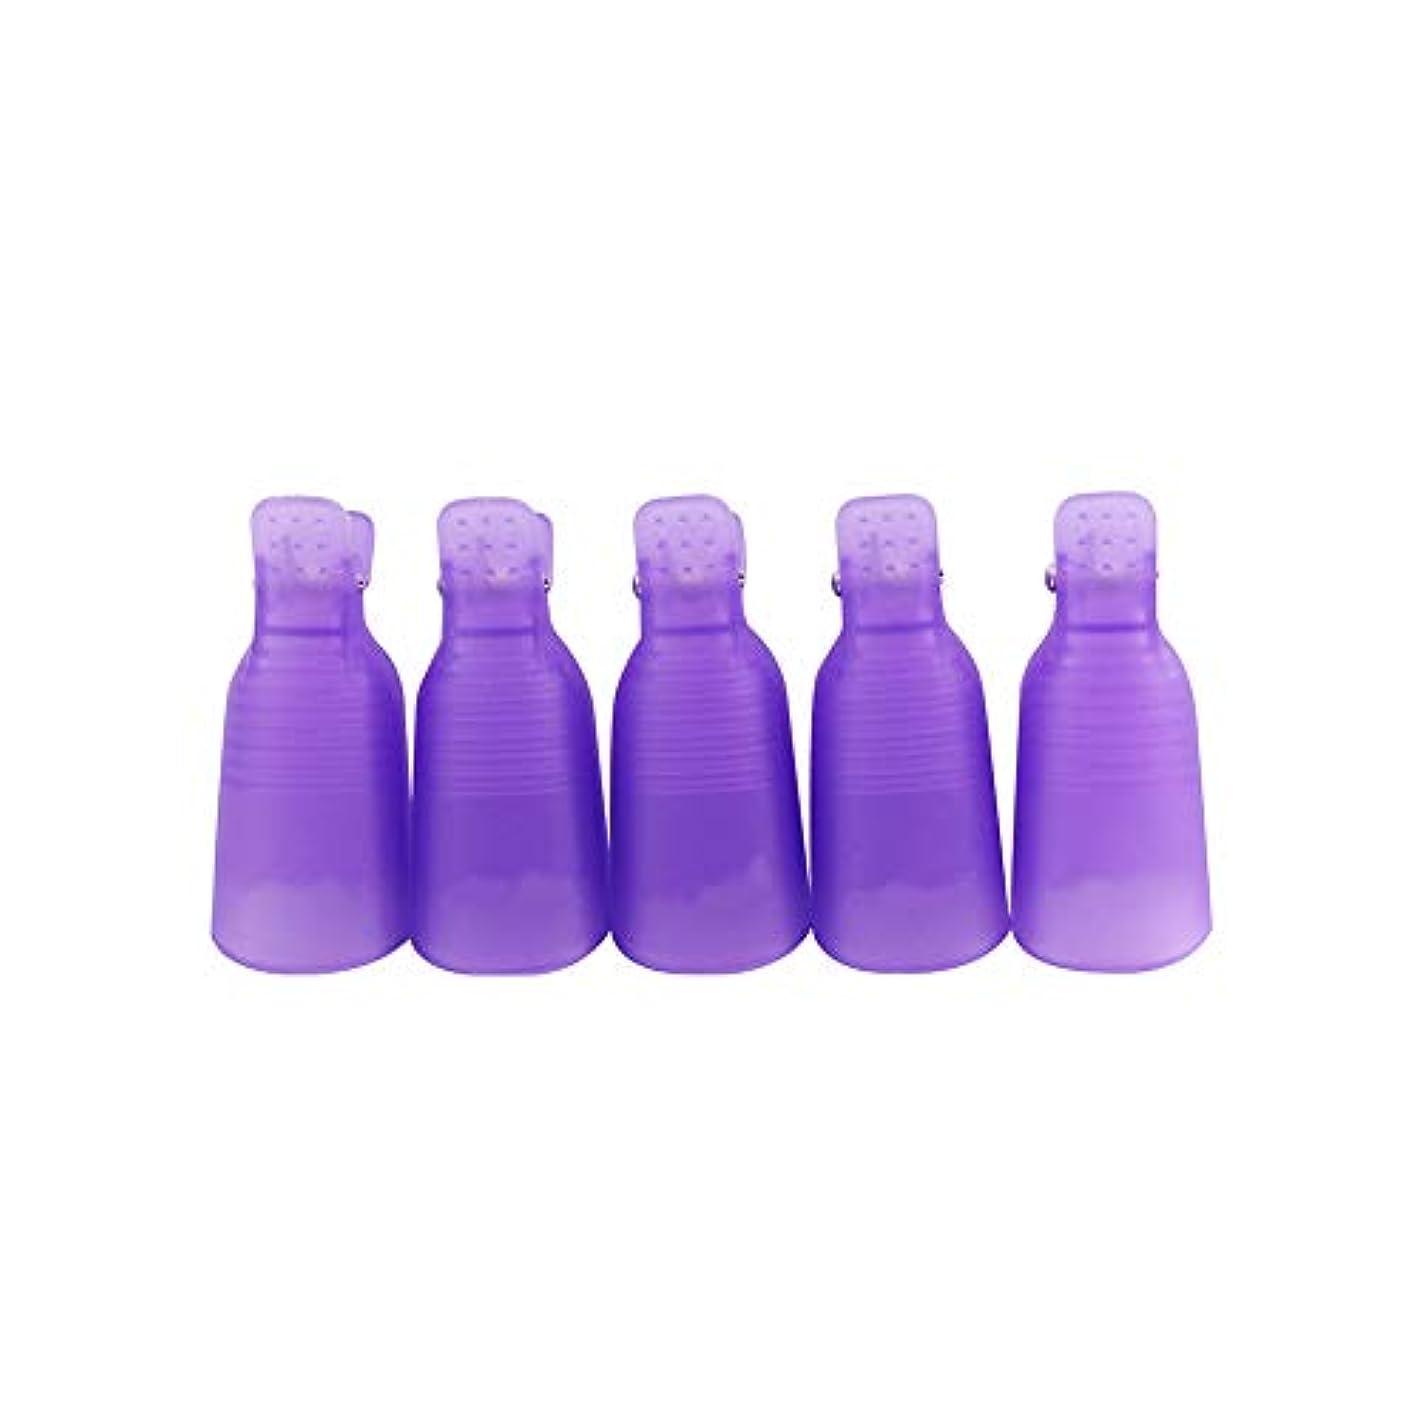 優雅開梱差別的5マニキュアUV接着パッドは、キャップリムーバーツールネイルネイルポリッシュリムーバー再利用可能なシリコーンはラップまたはオフに浸した家庭用のサロン(紫)